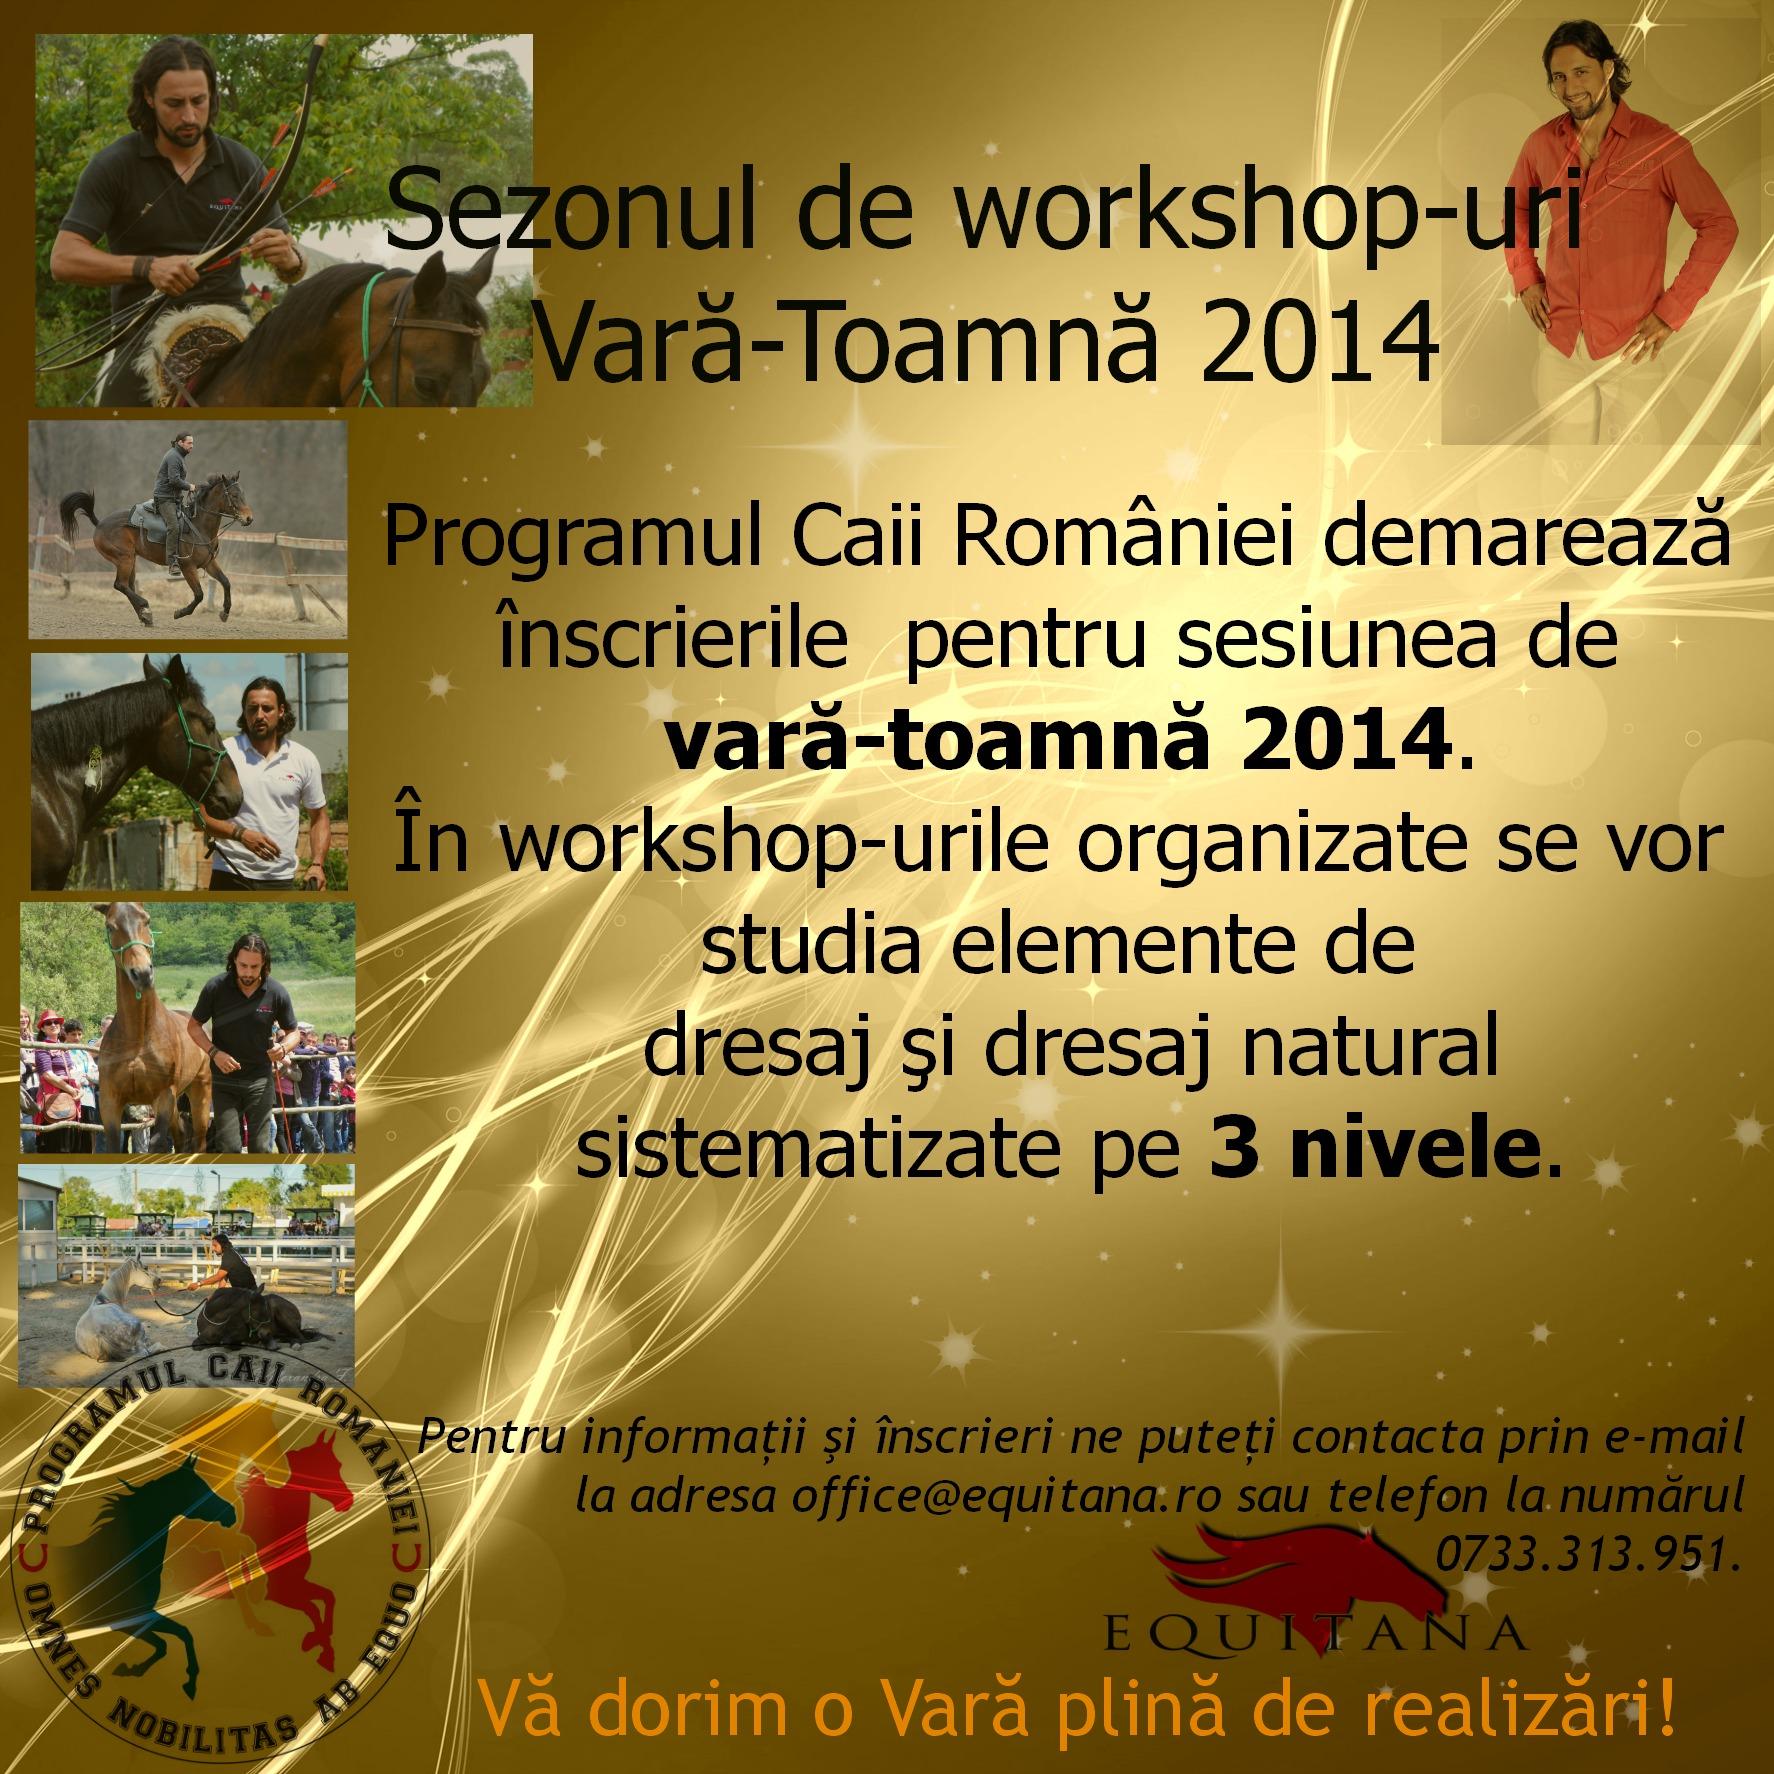 Sezonul de workshop-uri Vară-Toamnă 2014, Caii României